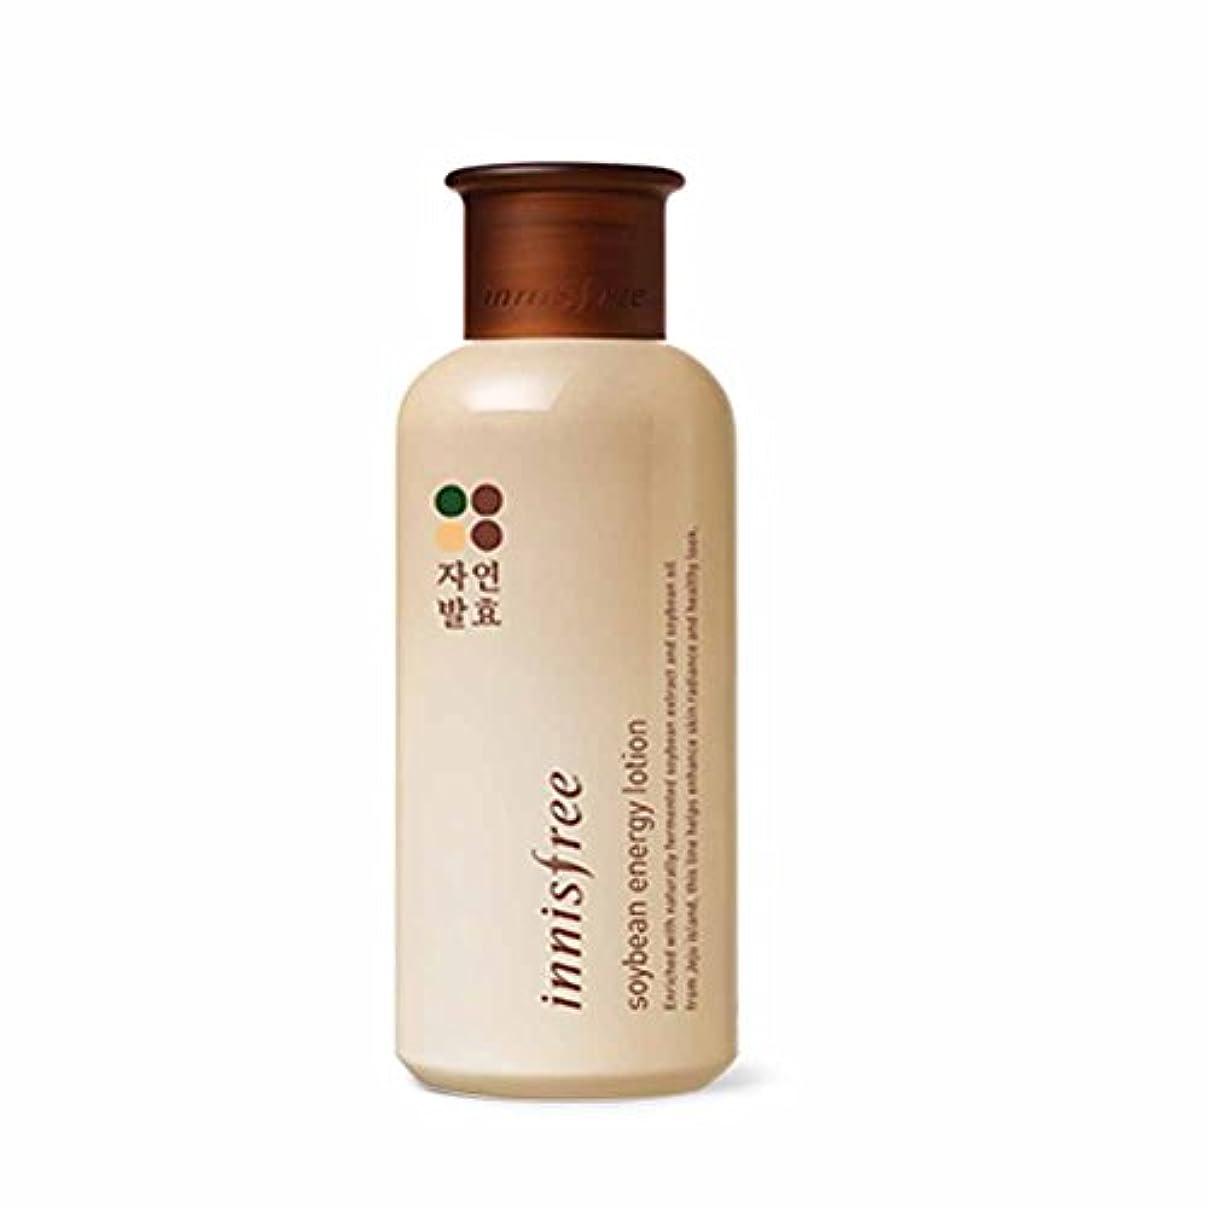 ノミネート治世豆イニスフリーソイビーンエナジースキン(トナー)200ml / Innisfree Soybean Energy Skin(Toner) 200ml[海外直送品][並行輸入品]